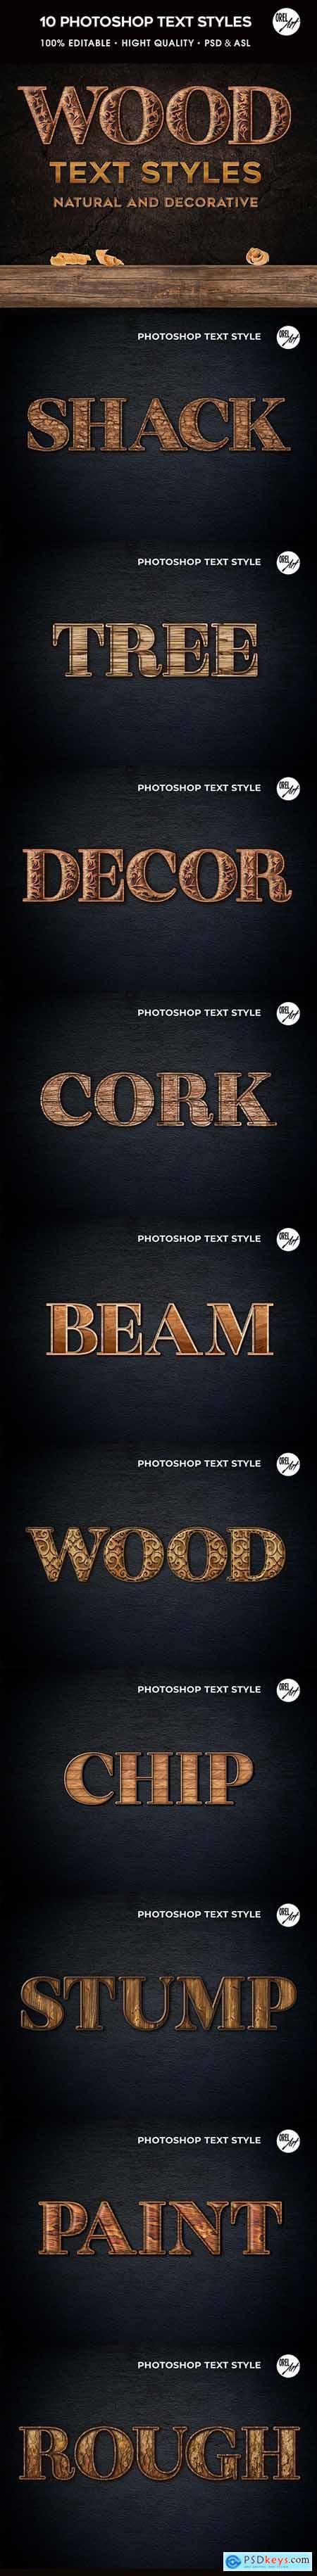 Wood Photoshop Styles 30366448